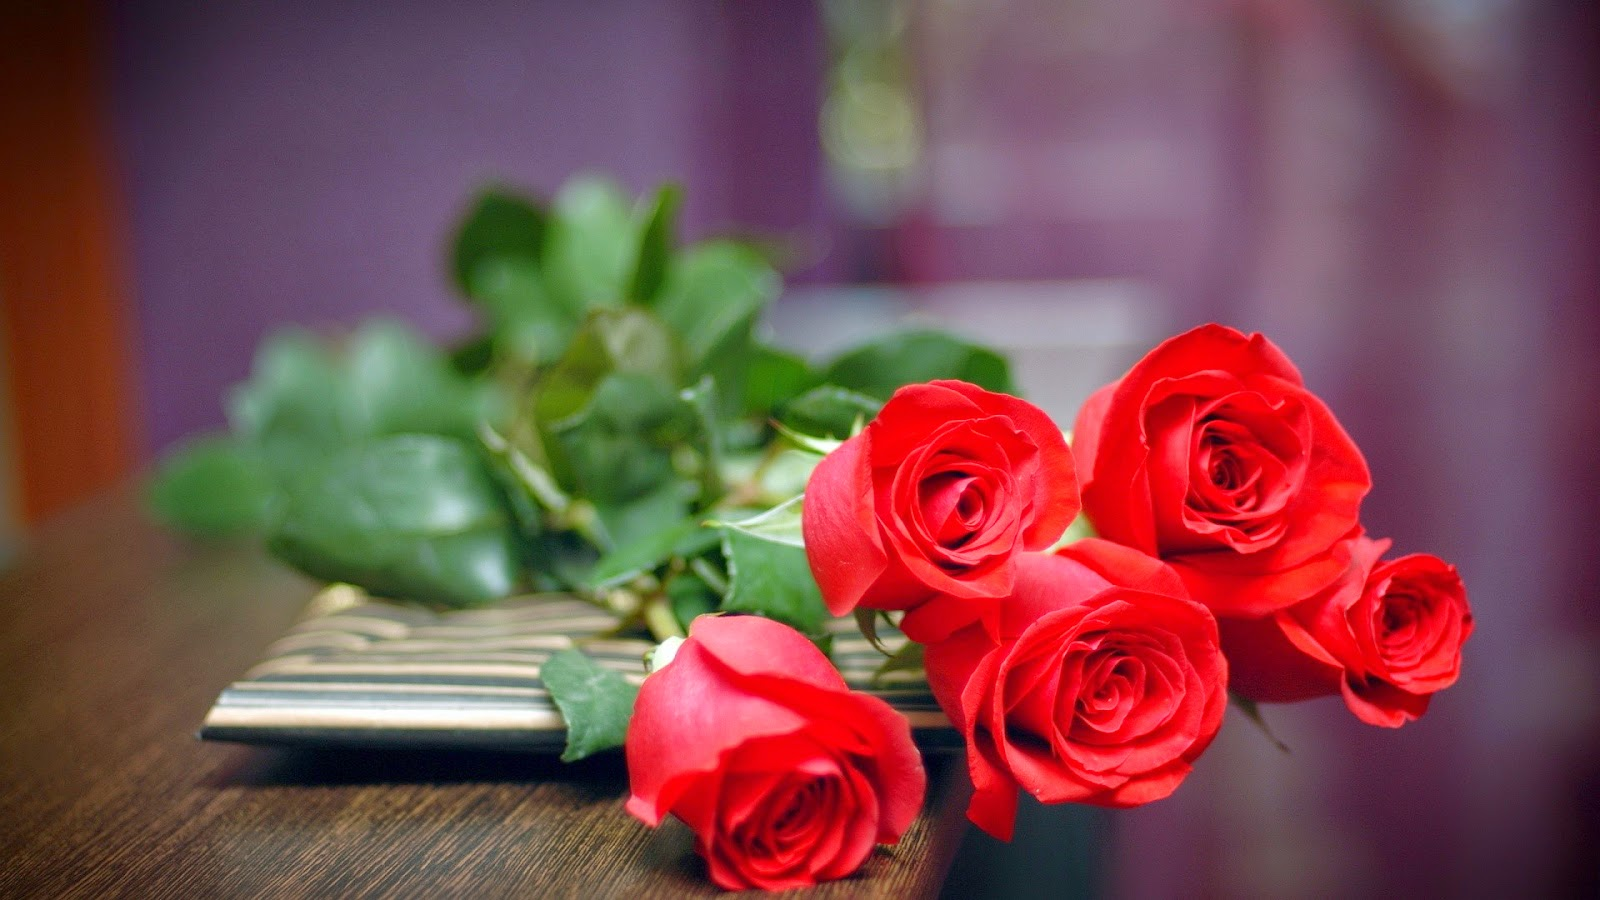 Hoa hồng đỏ tượng trưng cho tình yêu thương